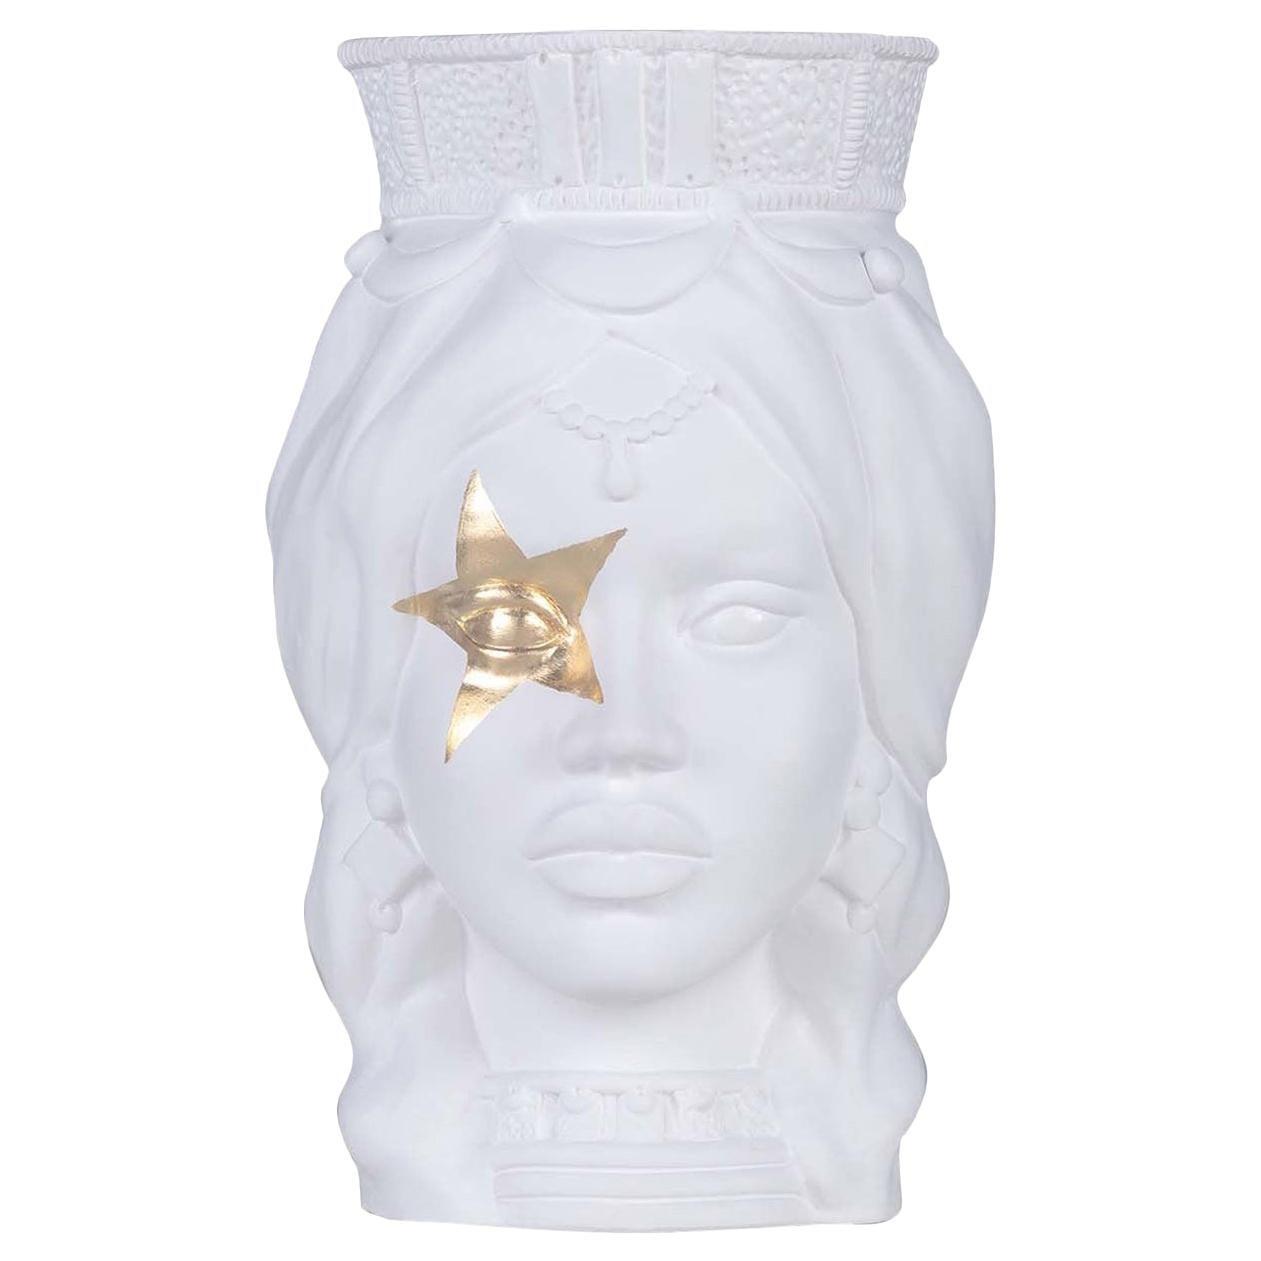 Musidora Super Star Vase